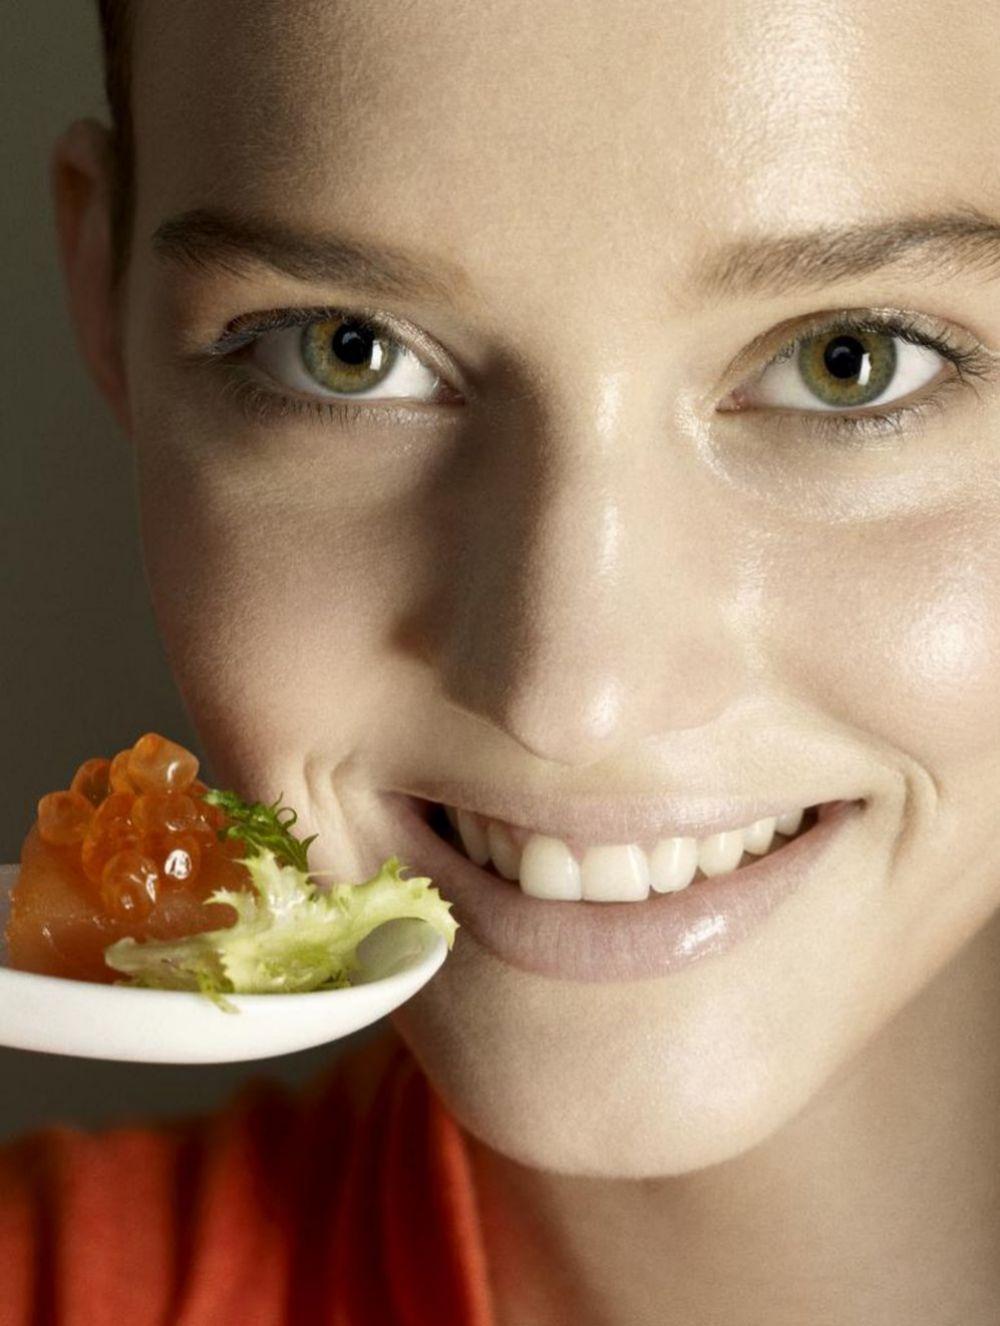 Mejor que contar calorías una dieta personalizada y más ejercicio